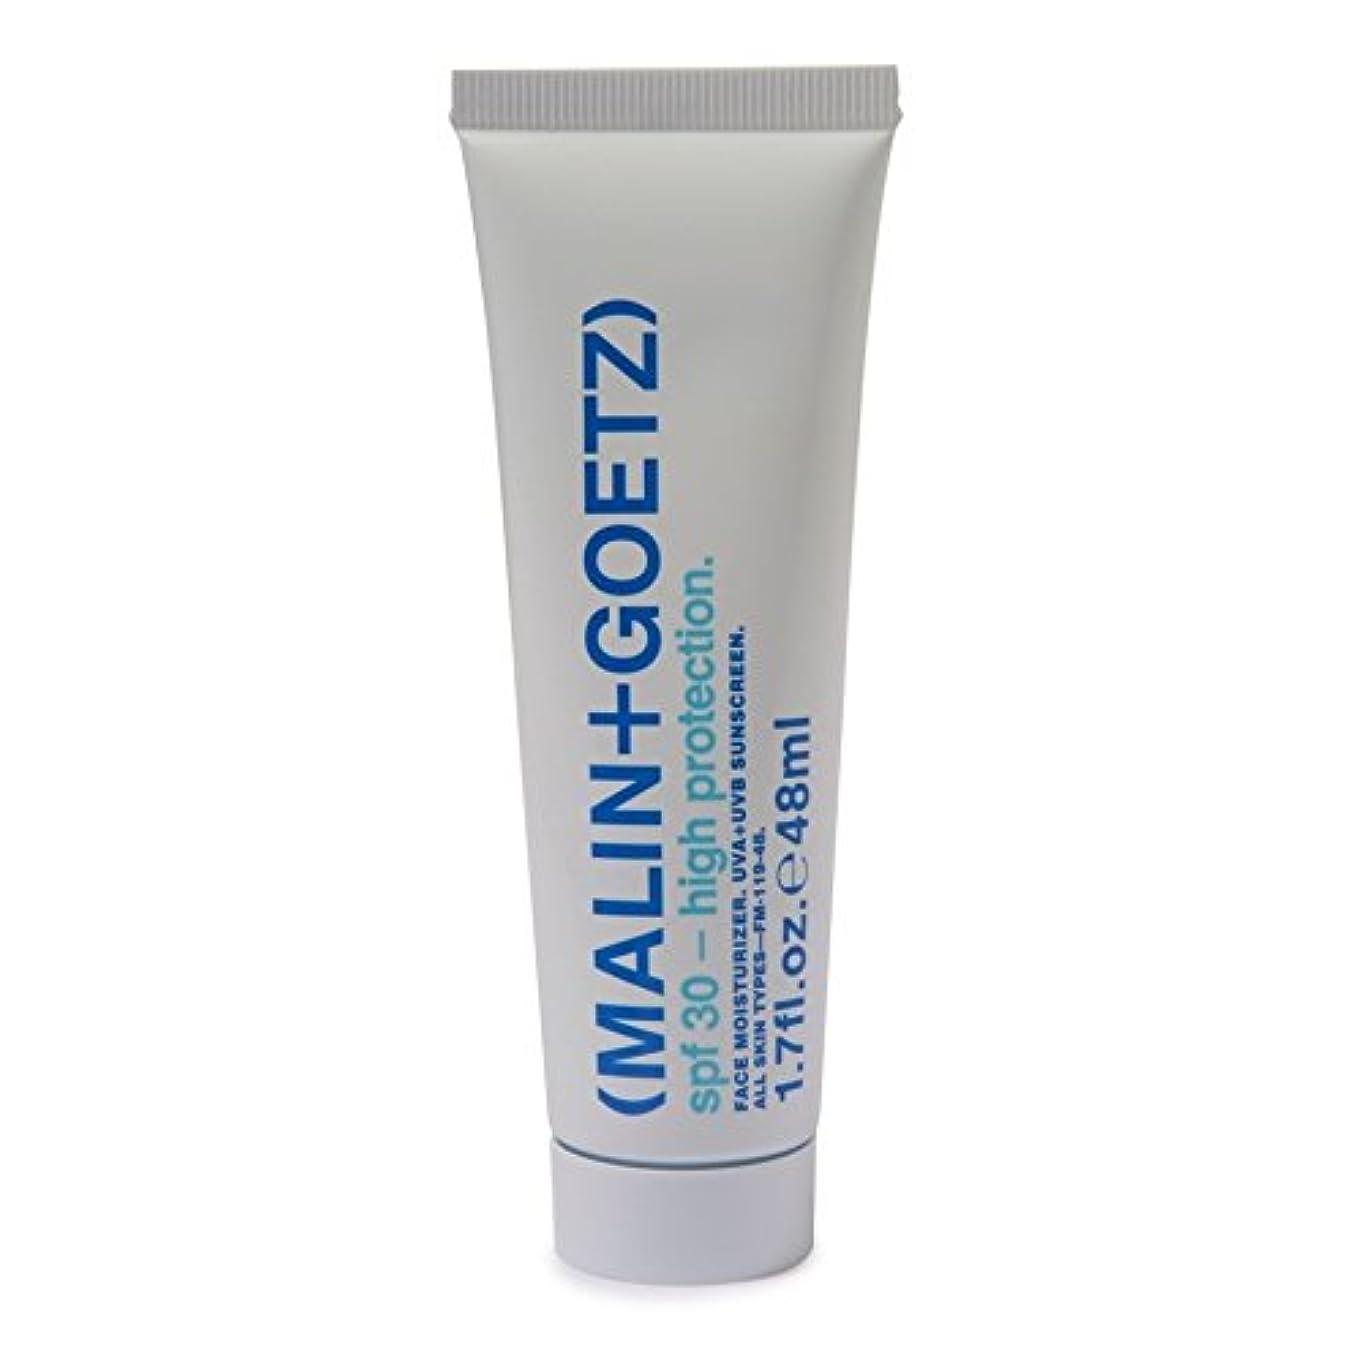 構造アテンダントまでマリン+ゲッツ顔の保湿剤の 30 48ミリリットル x4 - MALIN+GOETZ Face Moisturiser SPF 30 48ml (Pack of 4) [並行輸入品]